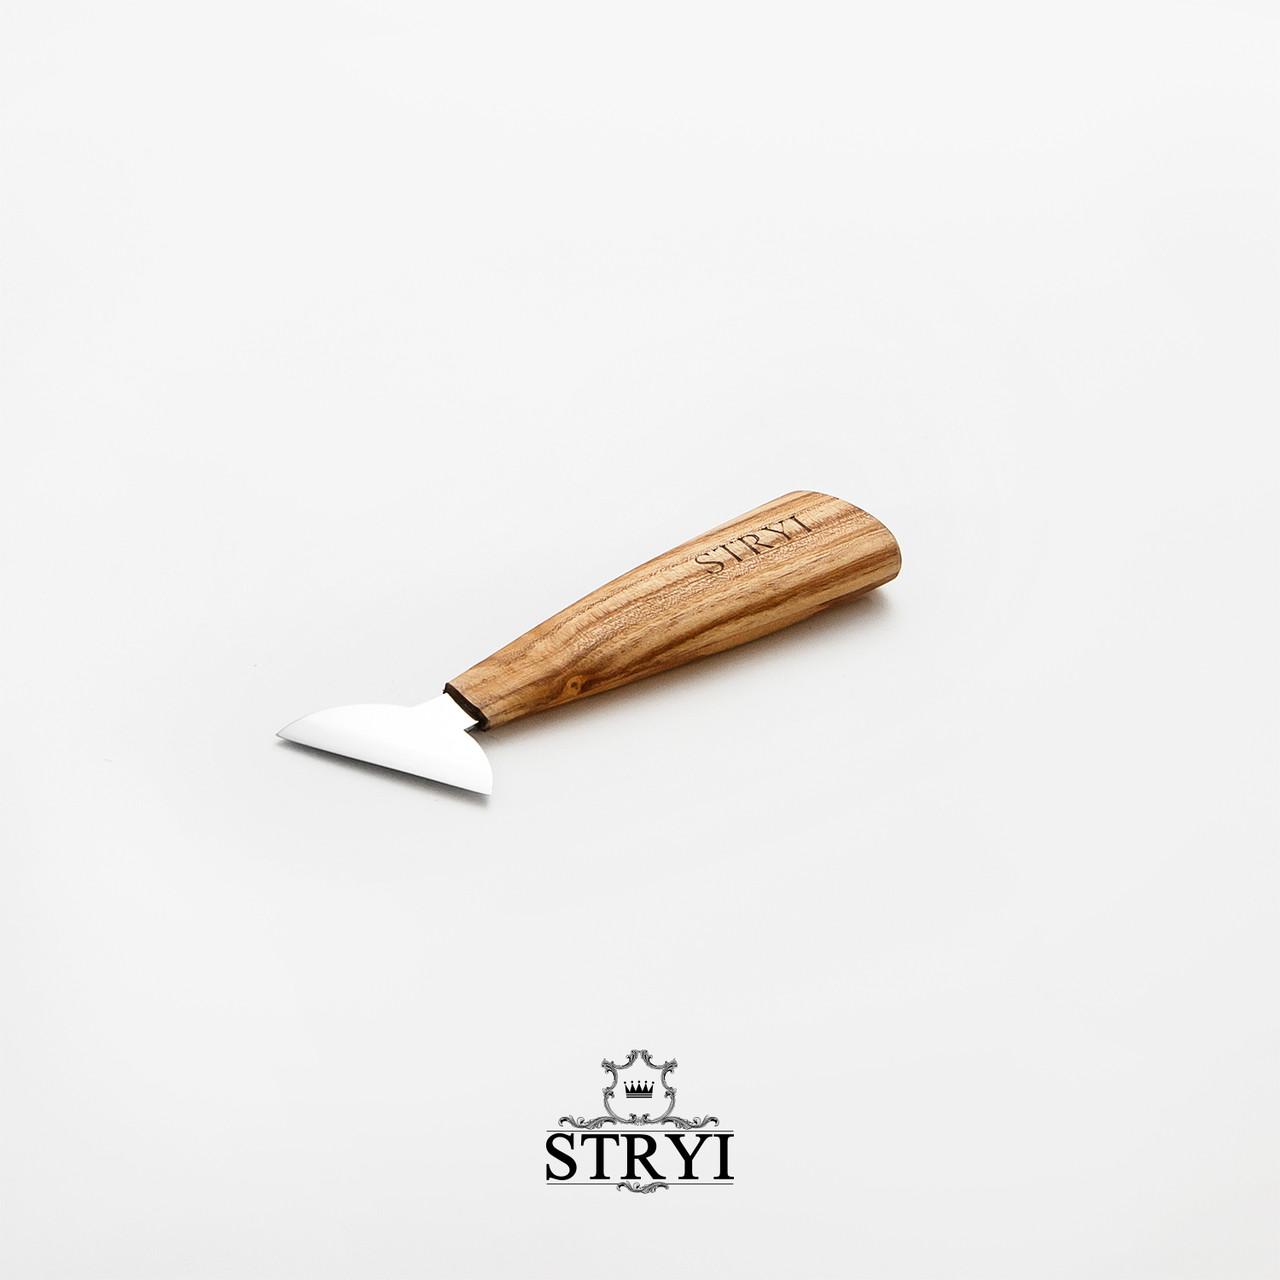 Стамеска нож топорик для резьбы по дереву от производителя STRYI, 50 мм